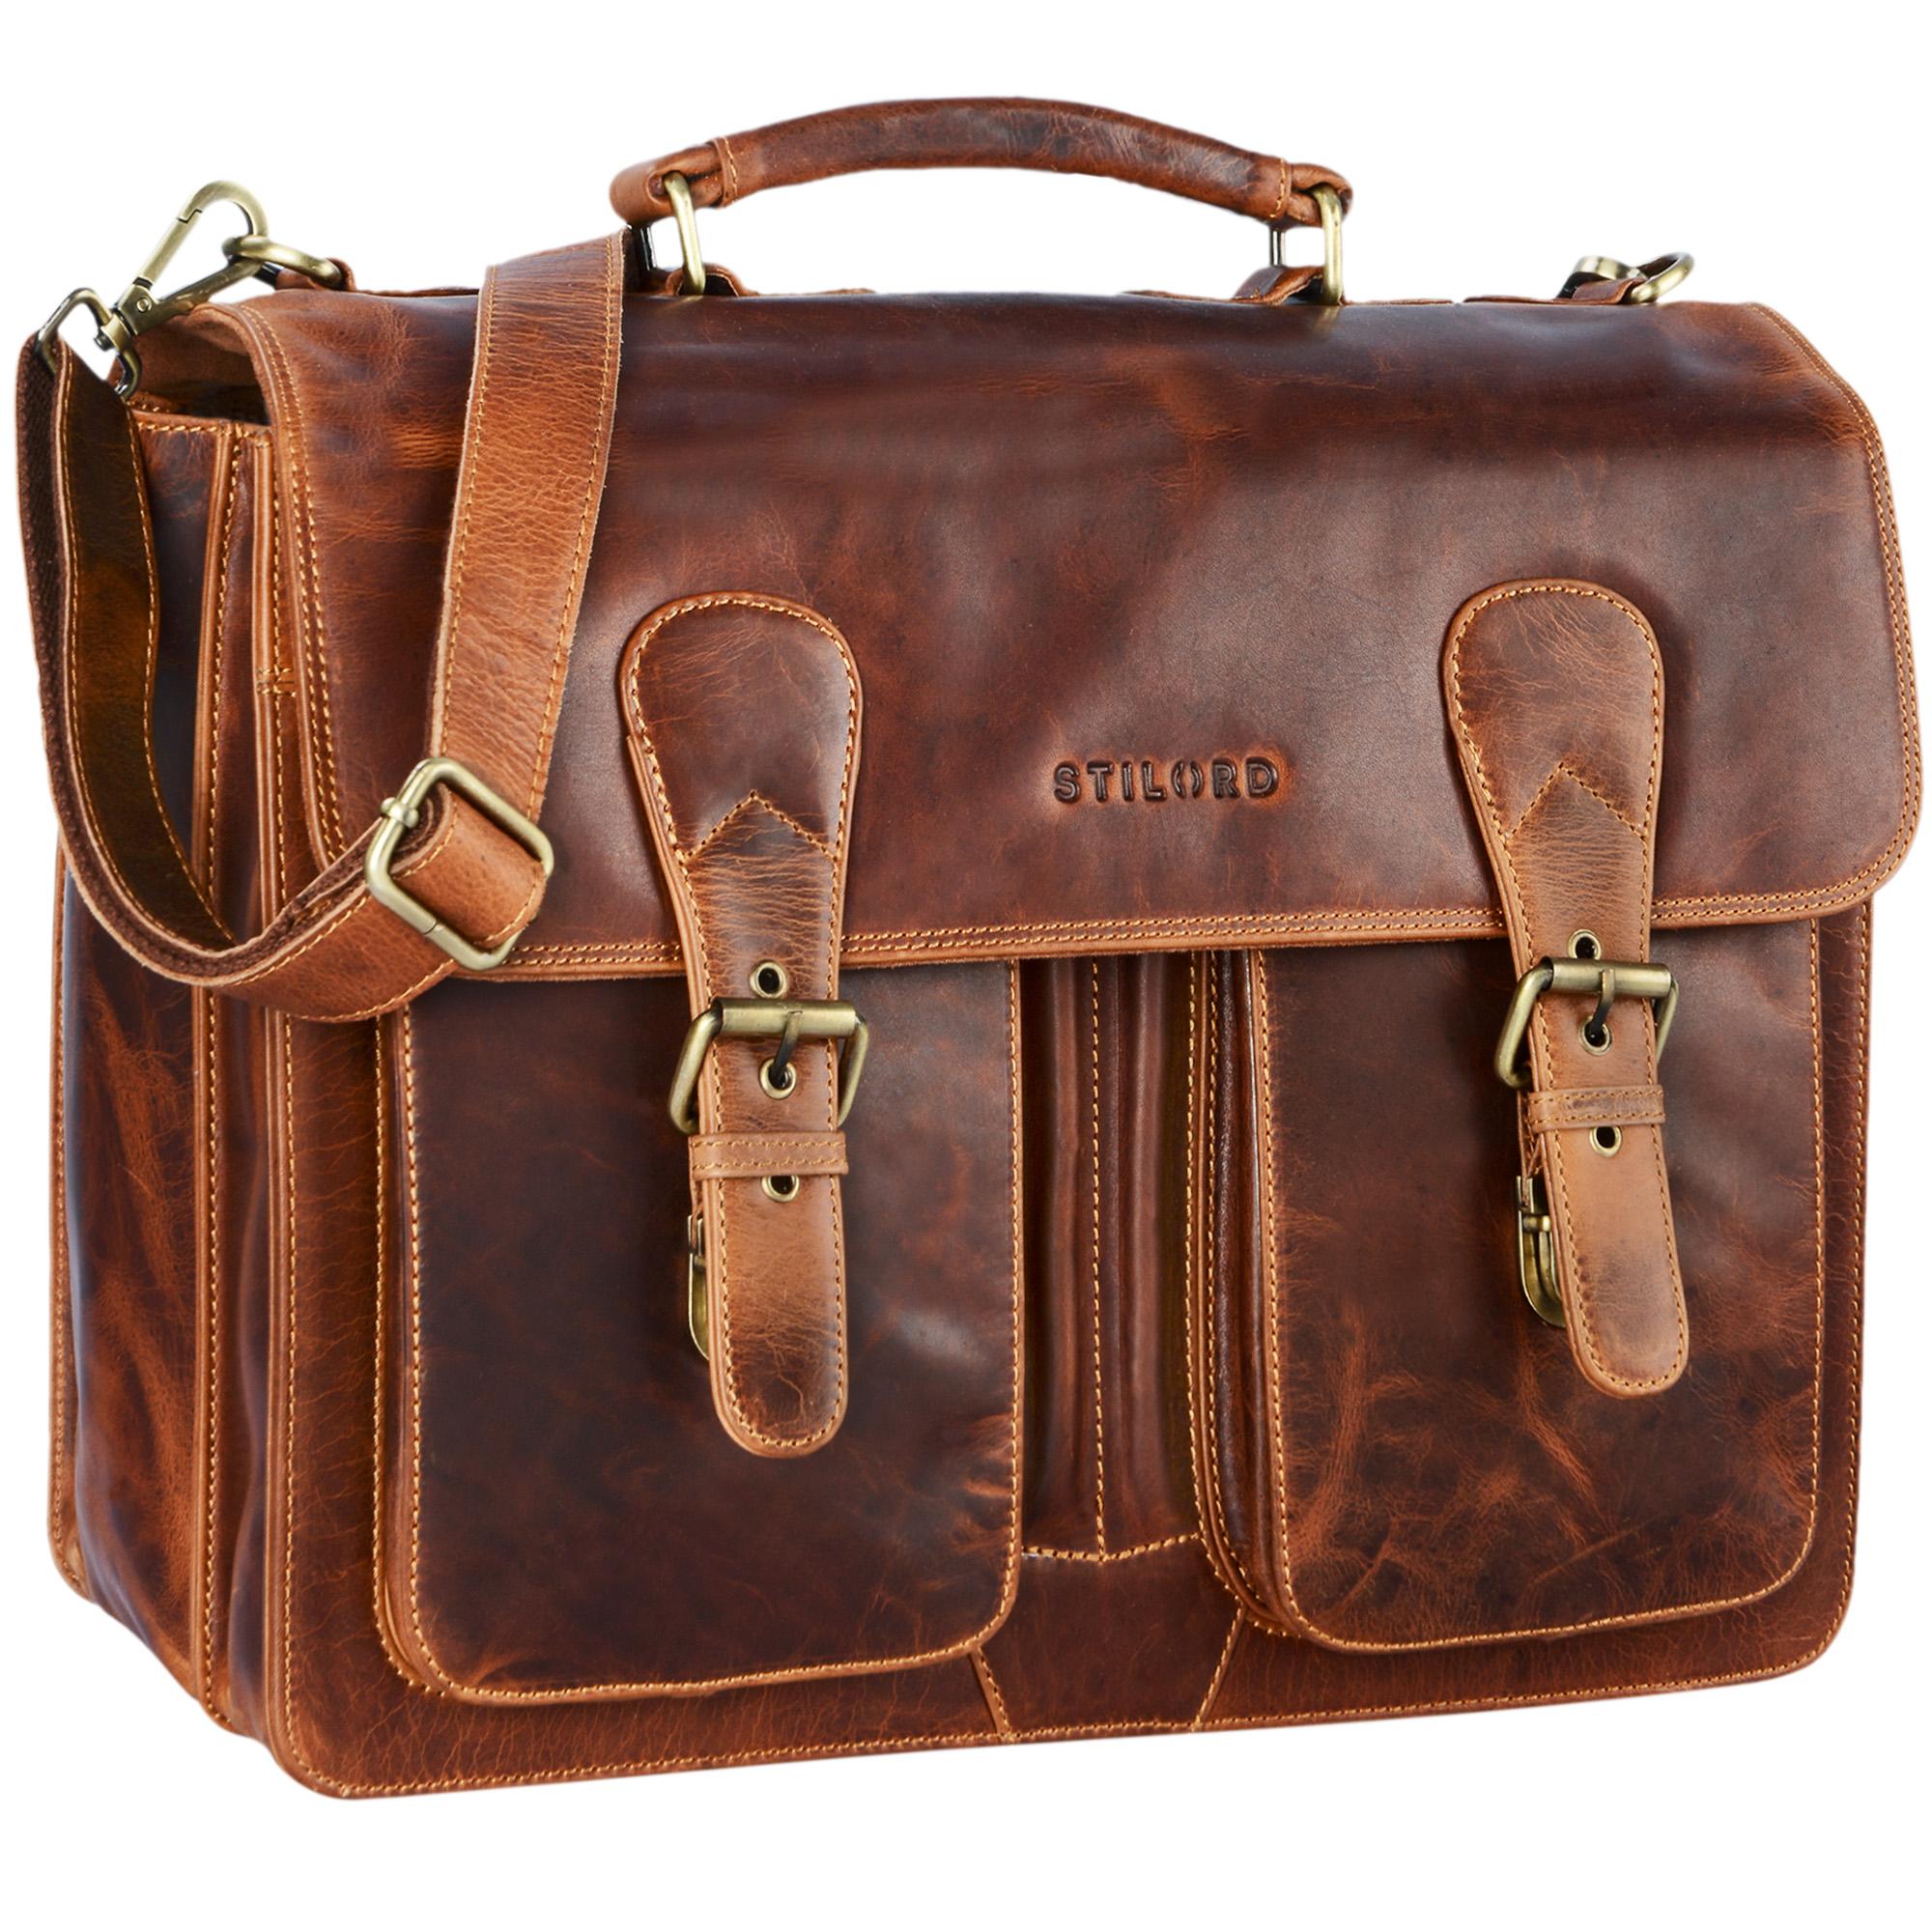 """STILORD """"Karl"""" Aktentasche Herren Lehrertasche Bürotasche Laptoptasche Umhängetasche XL Businesstasche Vintage groß aus echtem Leder  - Bild 10"""